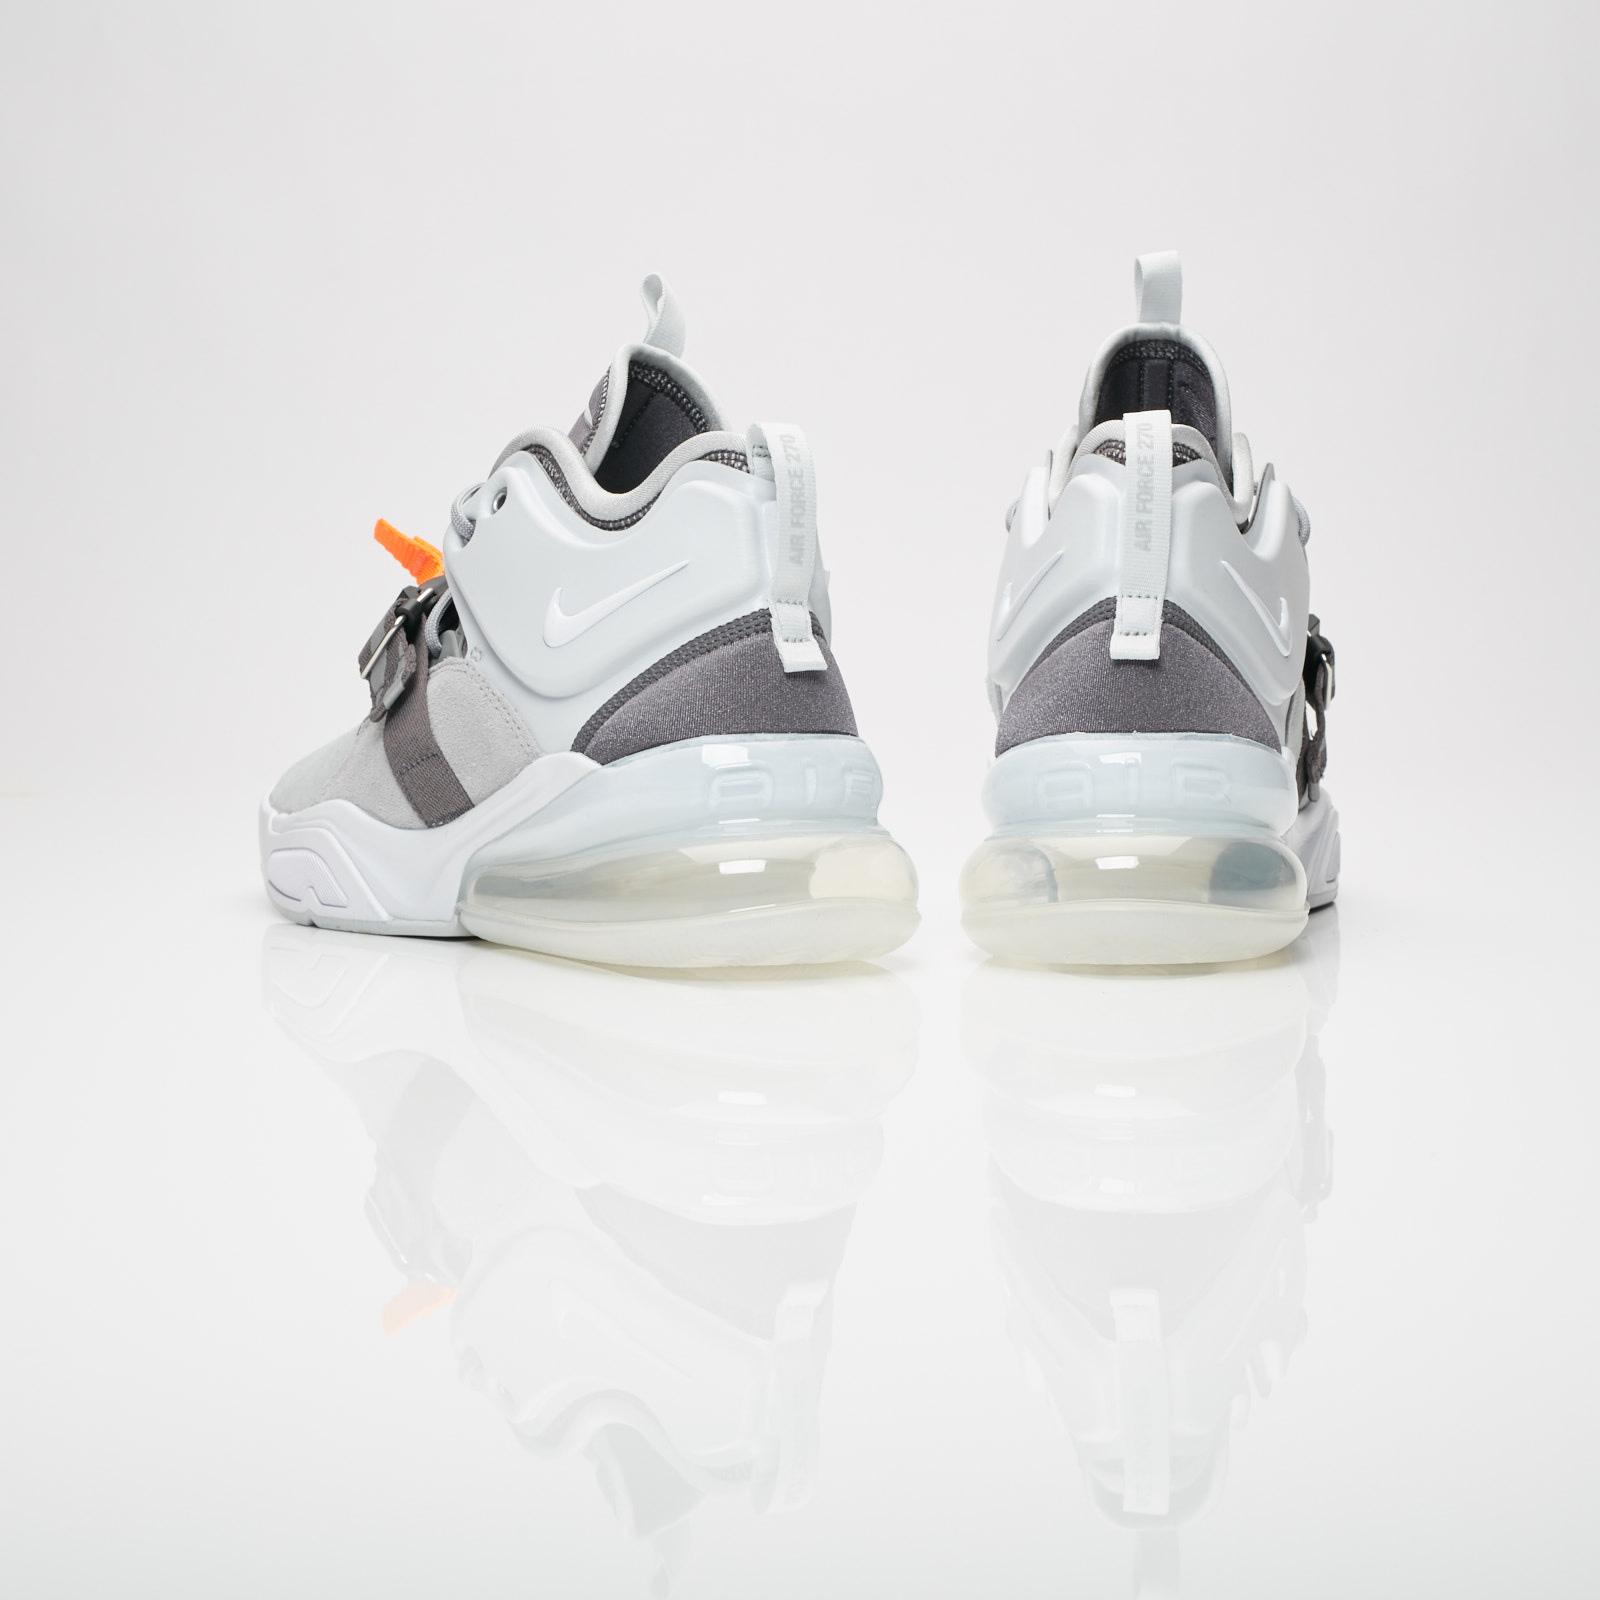 Mens Nike Air Force 270 Sneakers Wolf Grey Dark Grey AH6772 002 ah6772 002